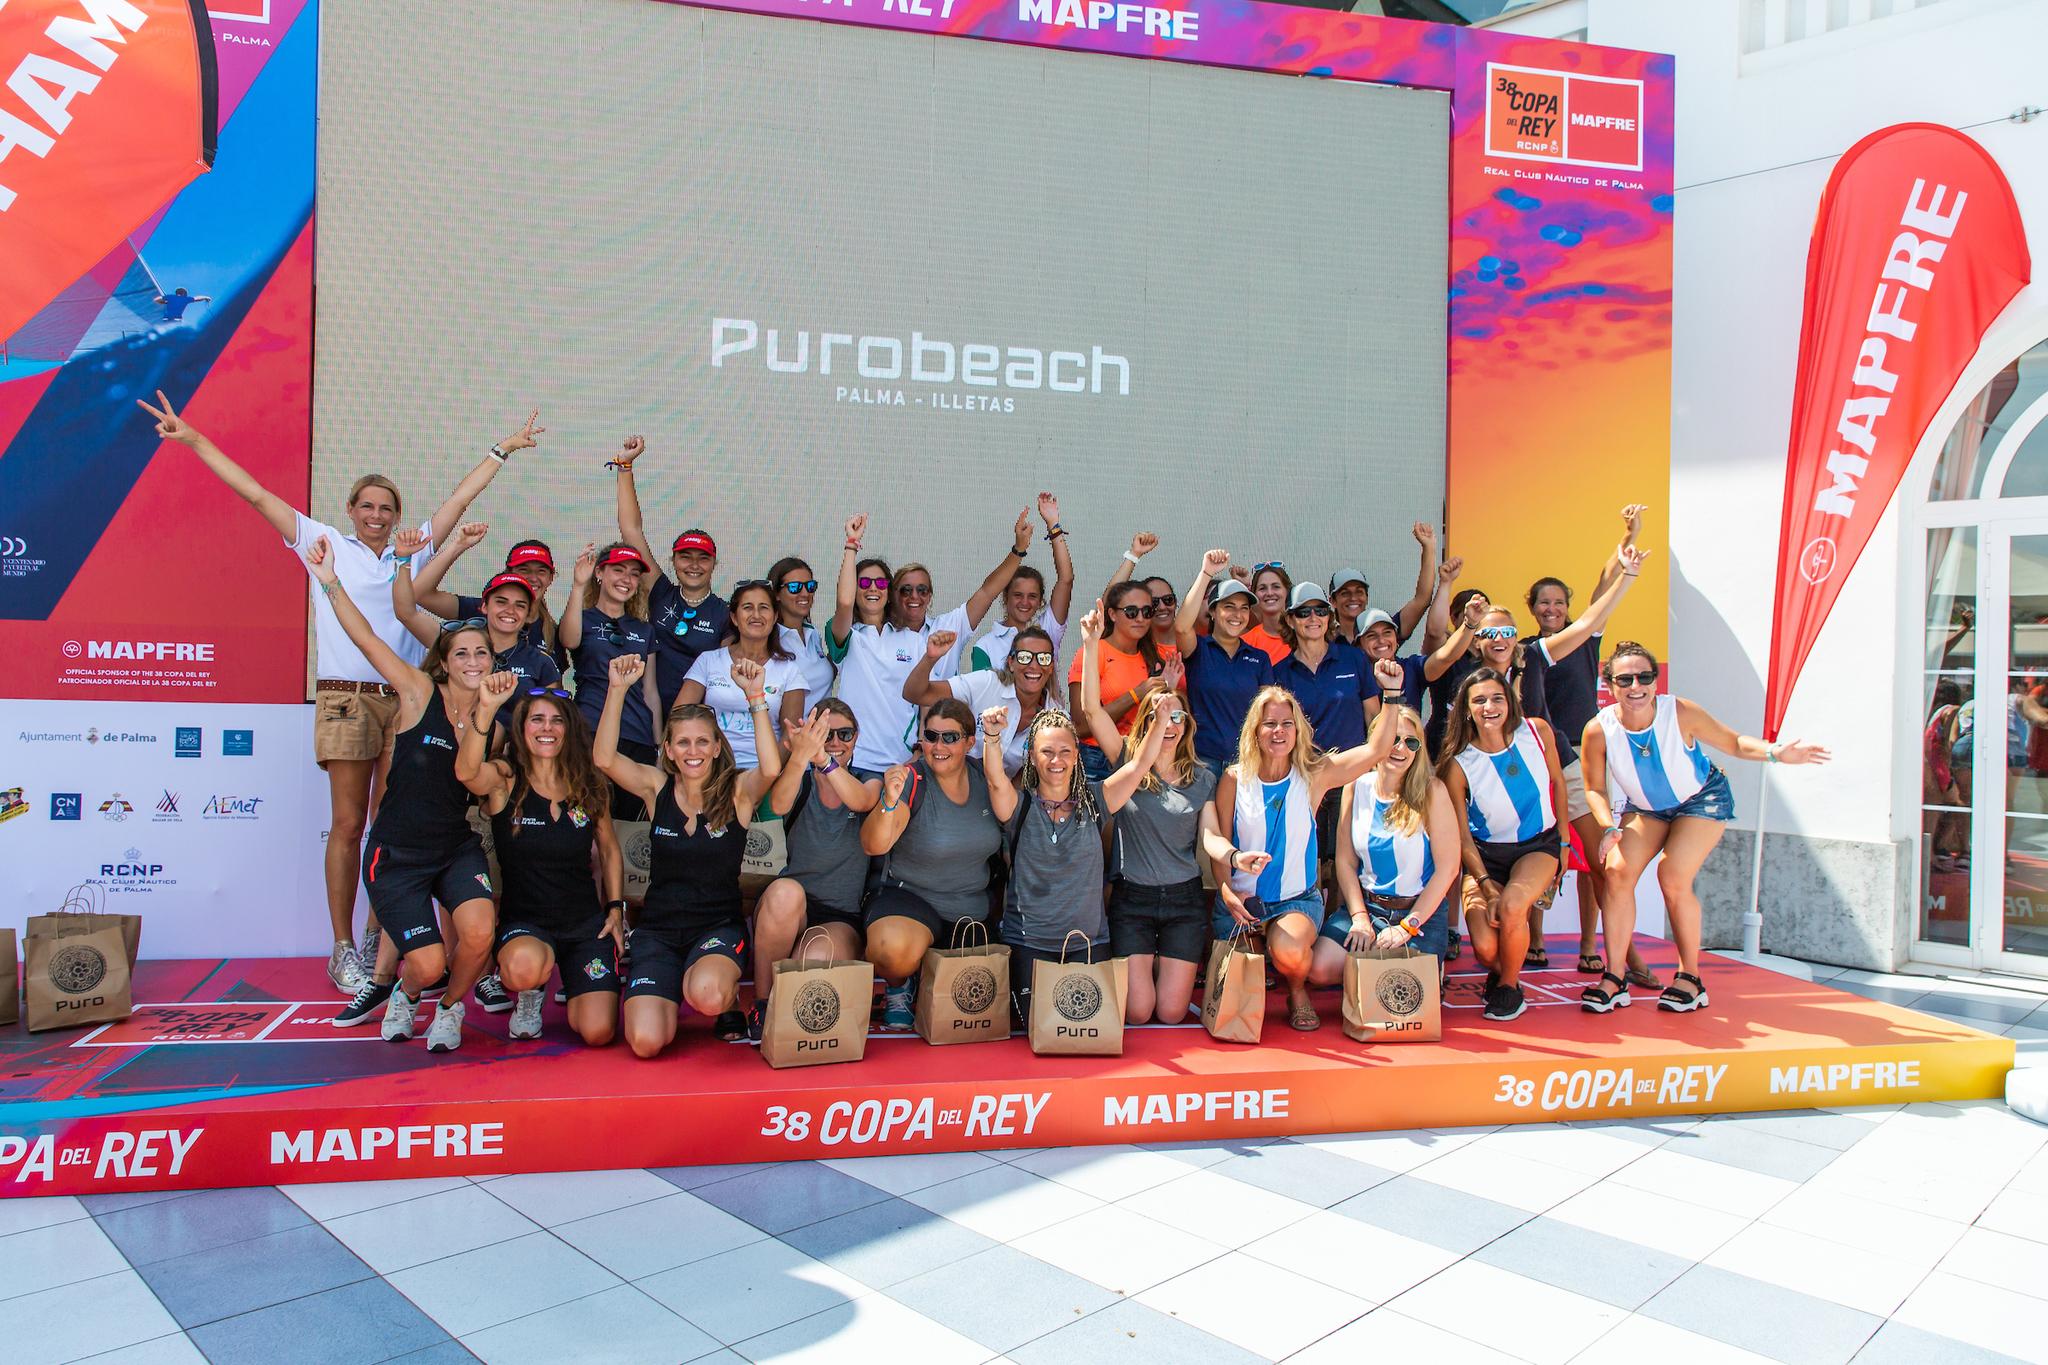 Las participantes de la Purobeach Women's Cup.